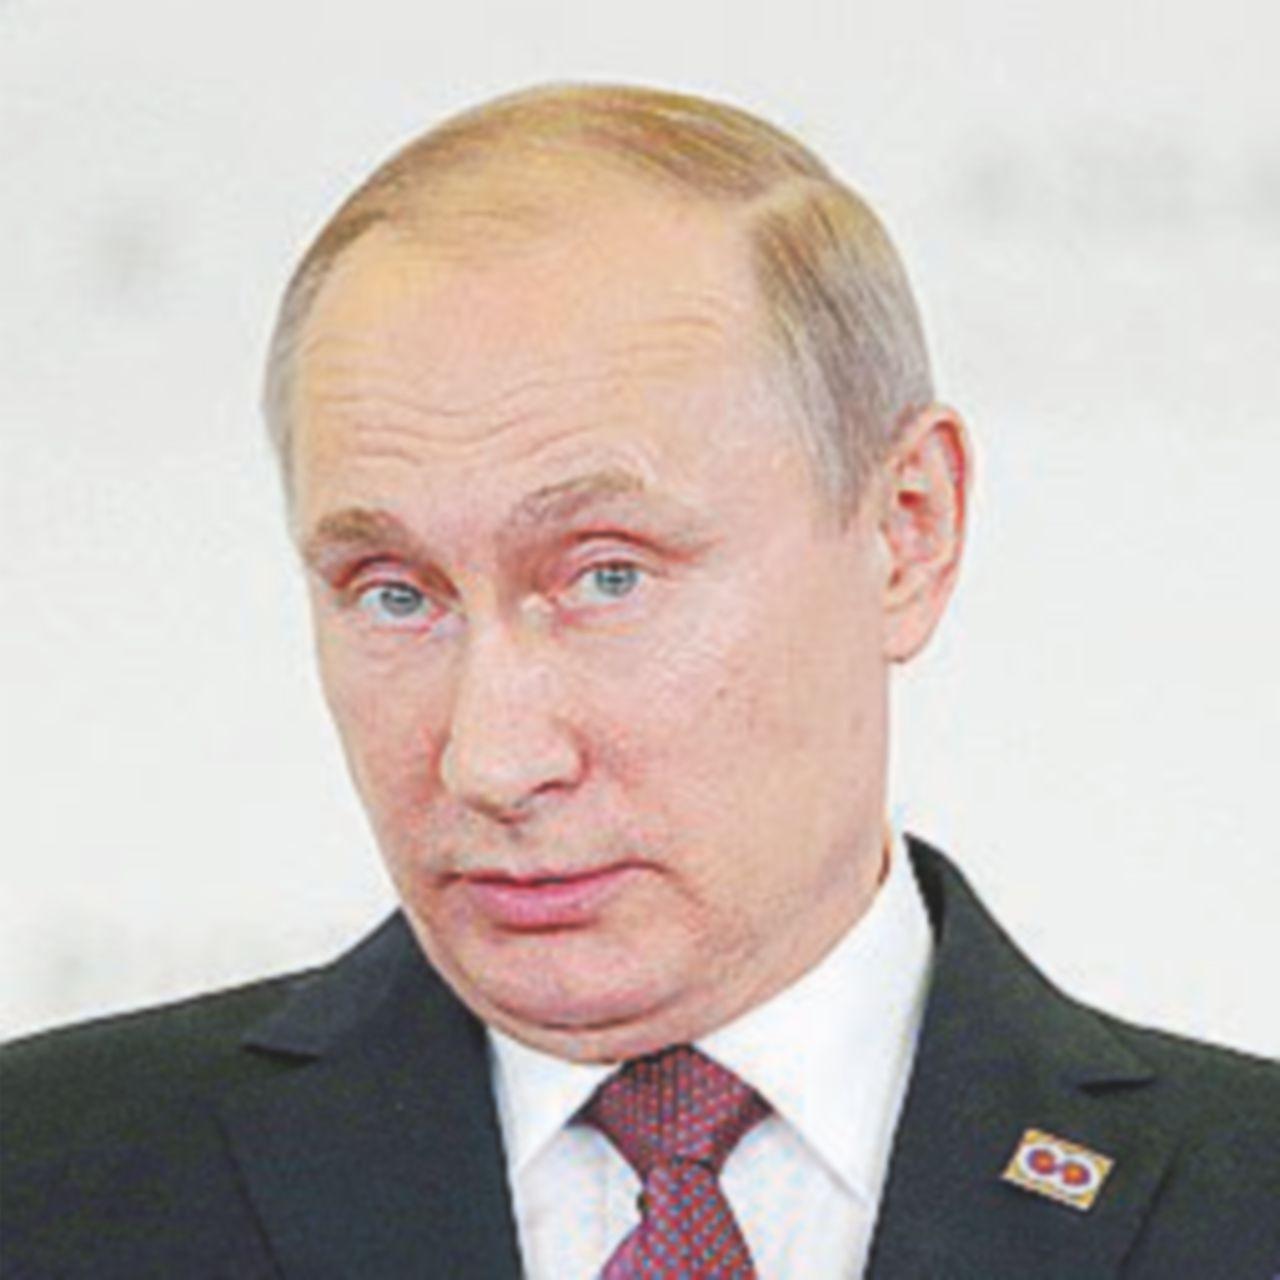 Tregua ma non troppo: Putin contro l'intesa Usa-Turchia